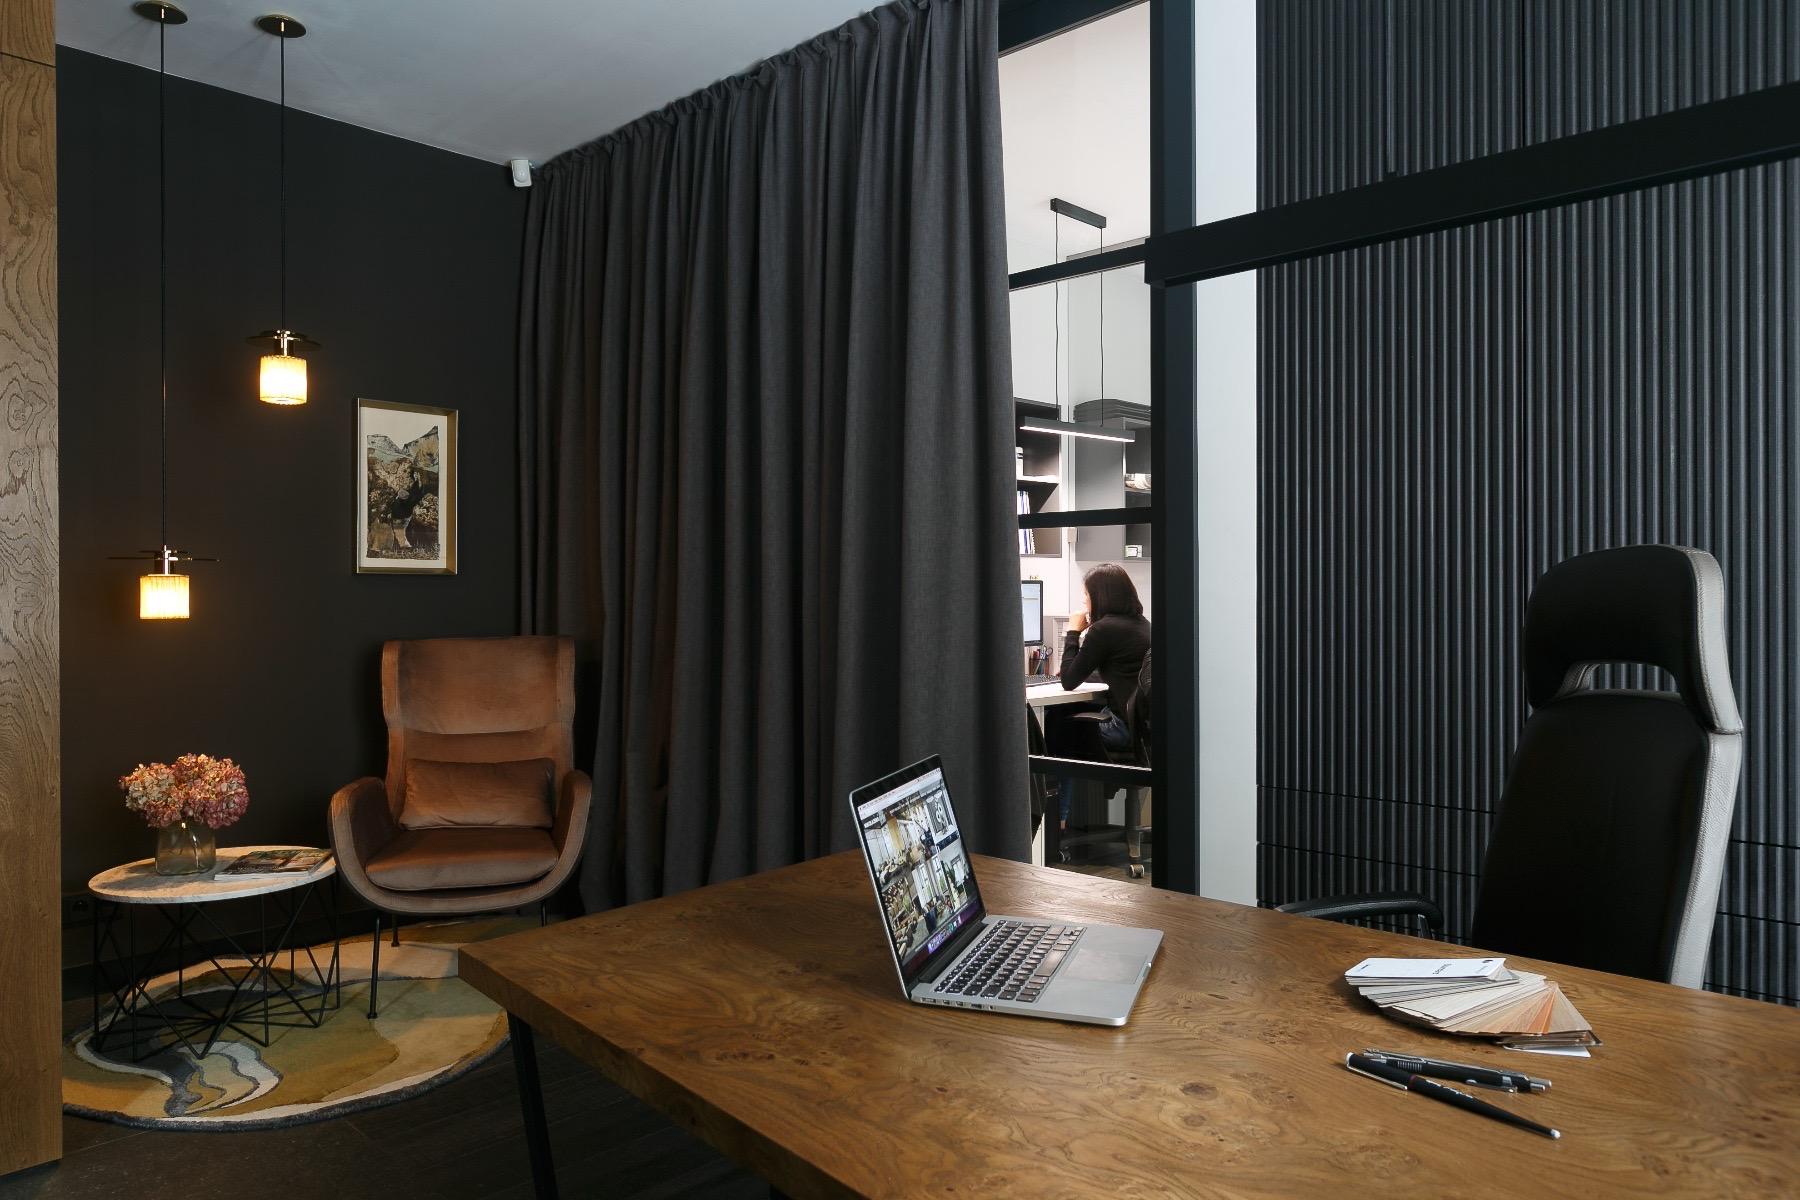 mikolajskastudio-office-poland-office-5